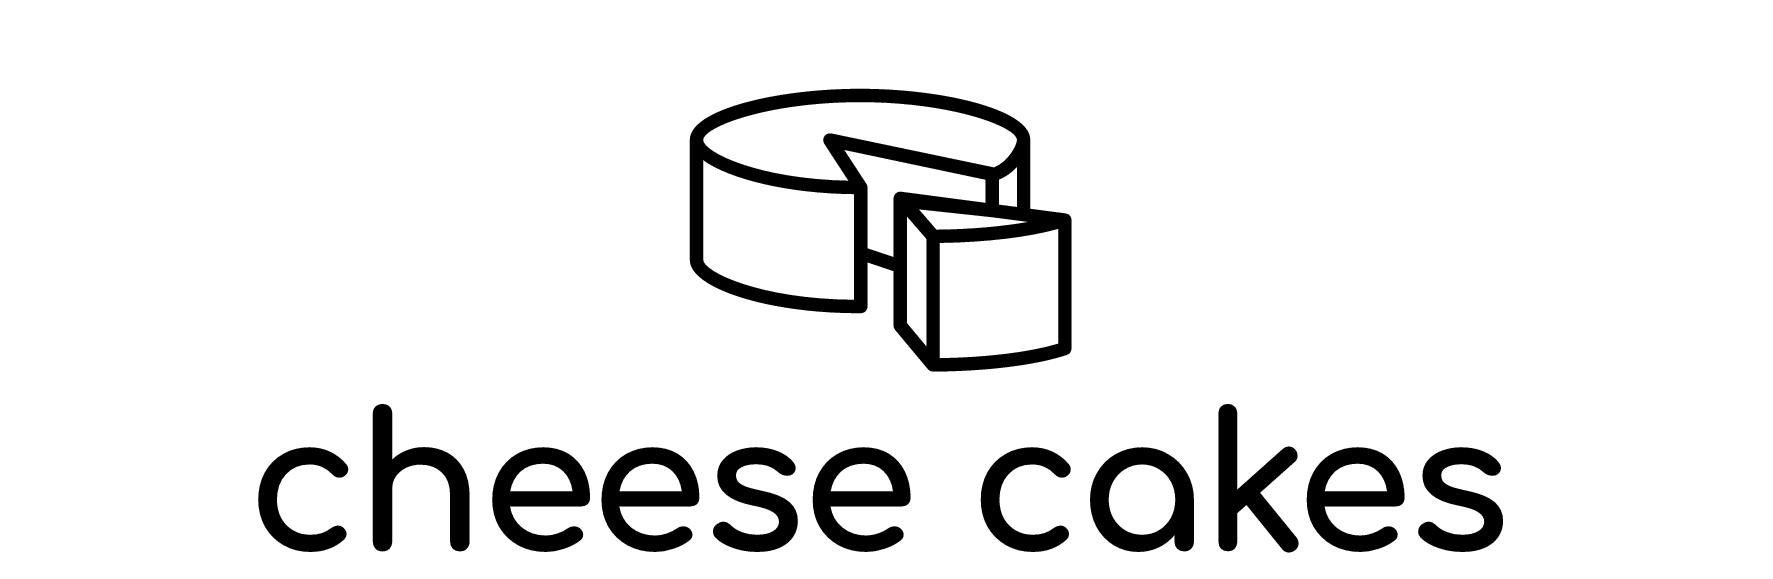 チーズケーキや洋菓子について考察するブログ【Cheese Cakes】